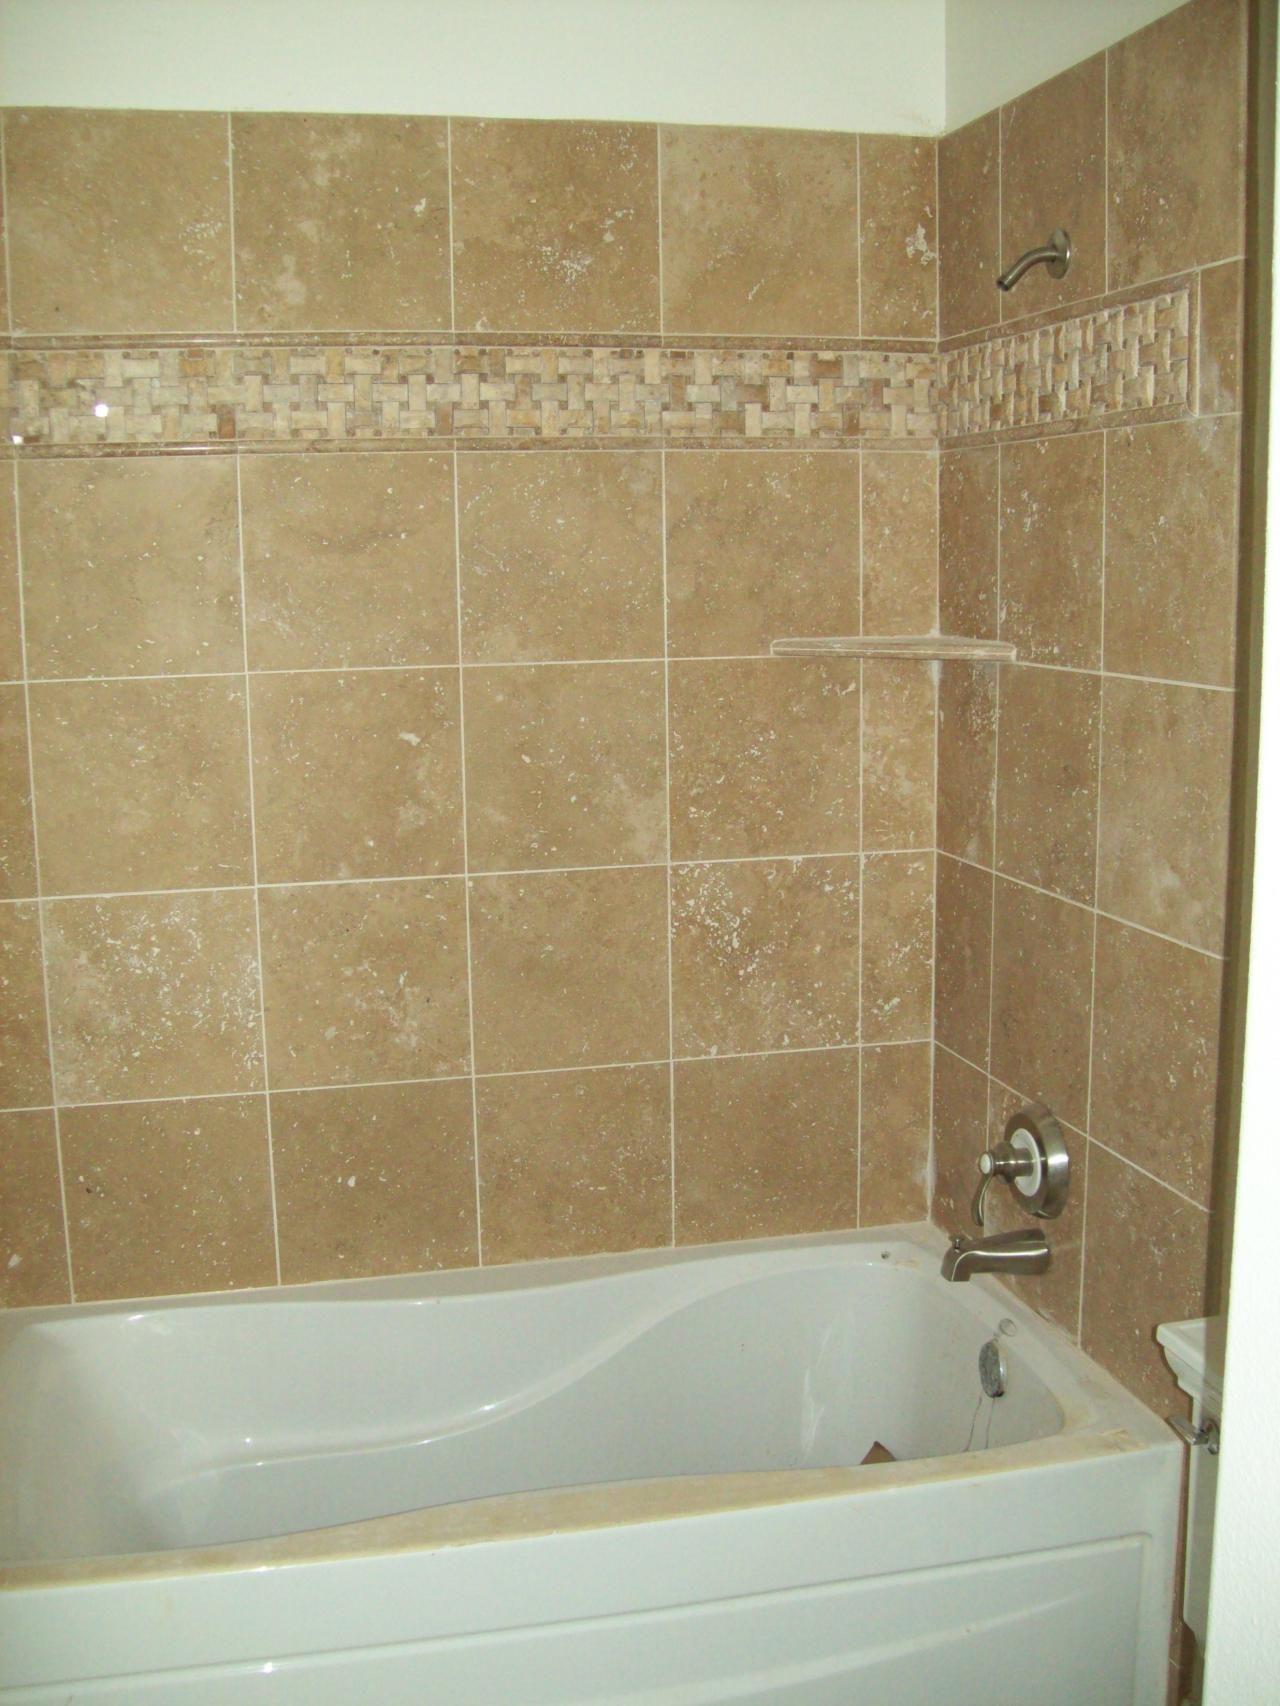 Bathtub Tile Photos For The Home Bathtub Tile Bathtub